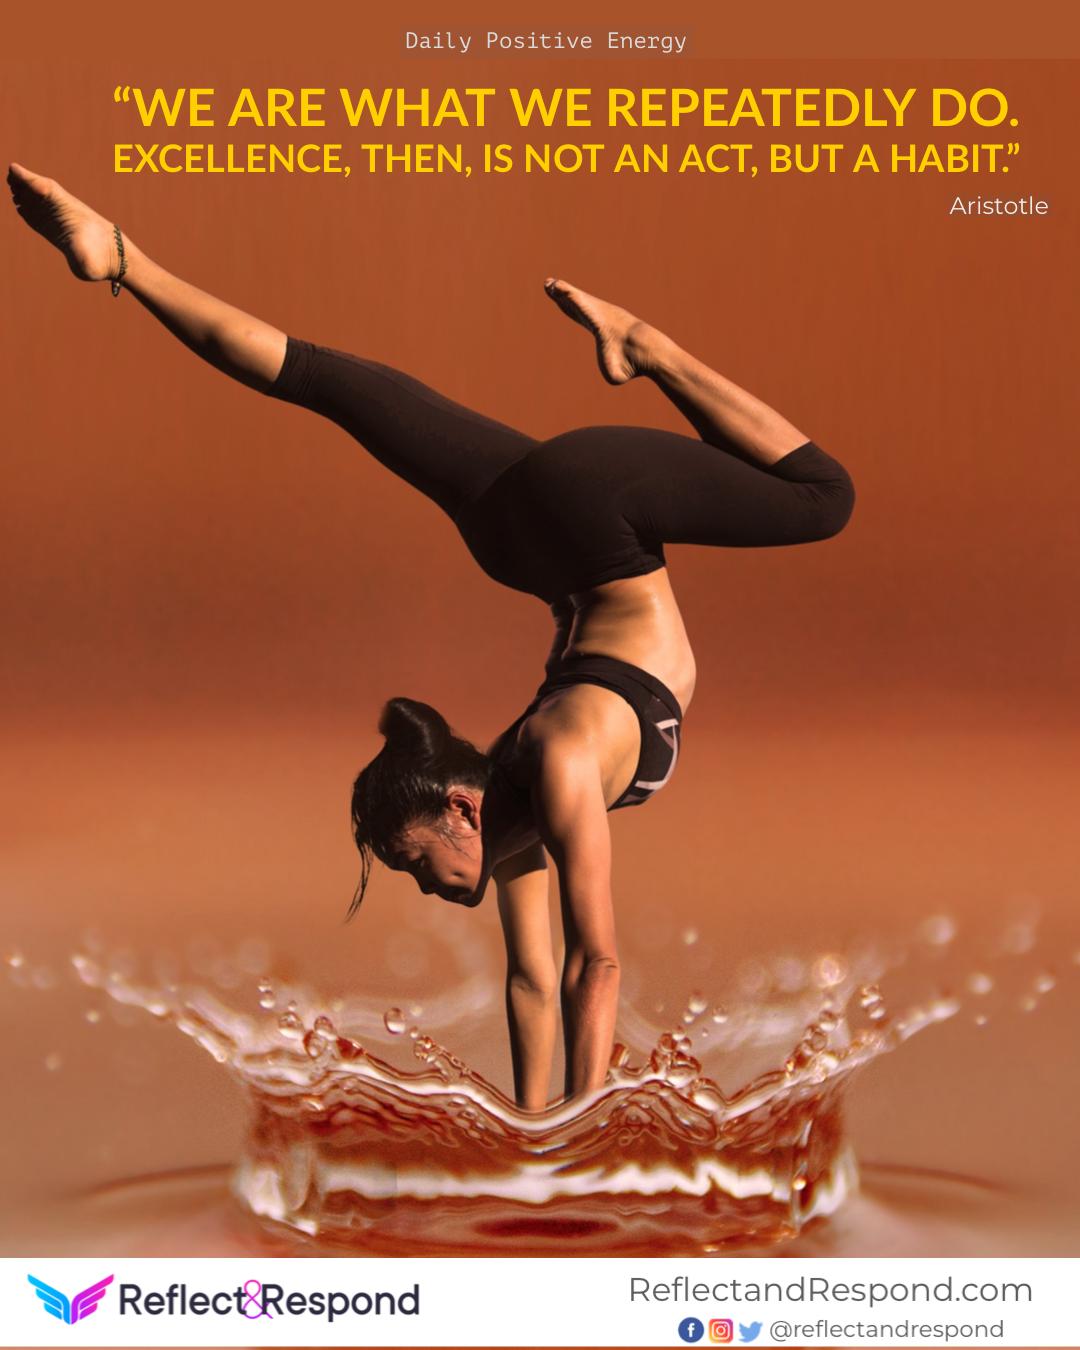 positive quotes Aristotle habit excellence